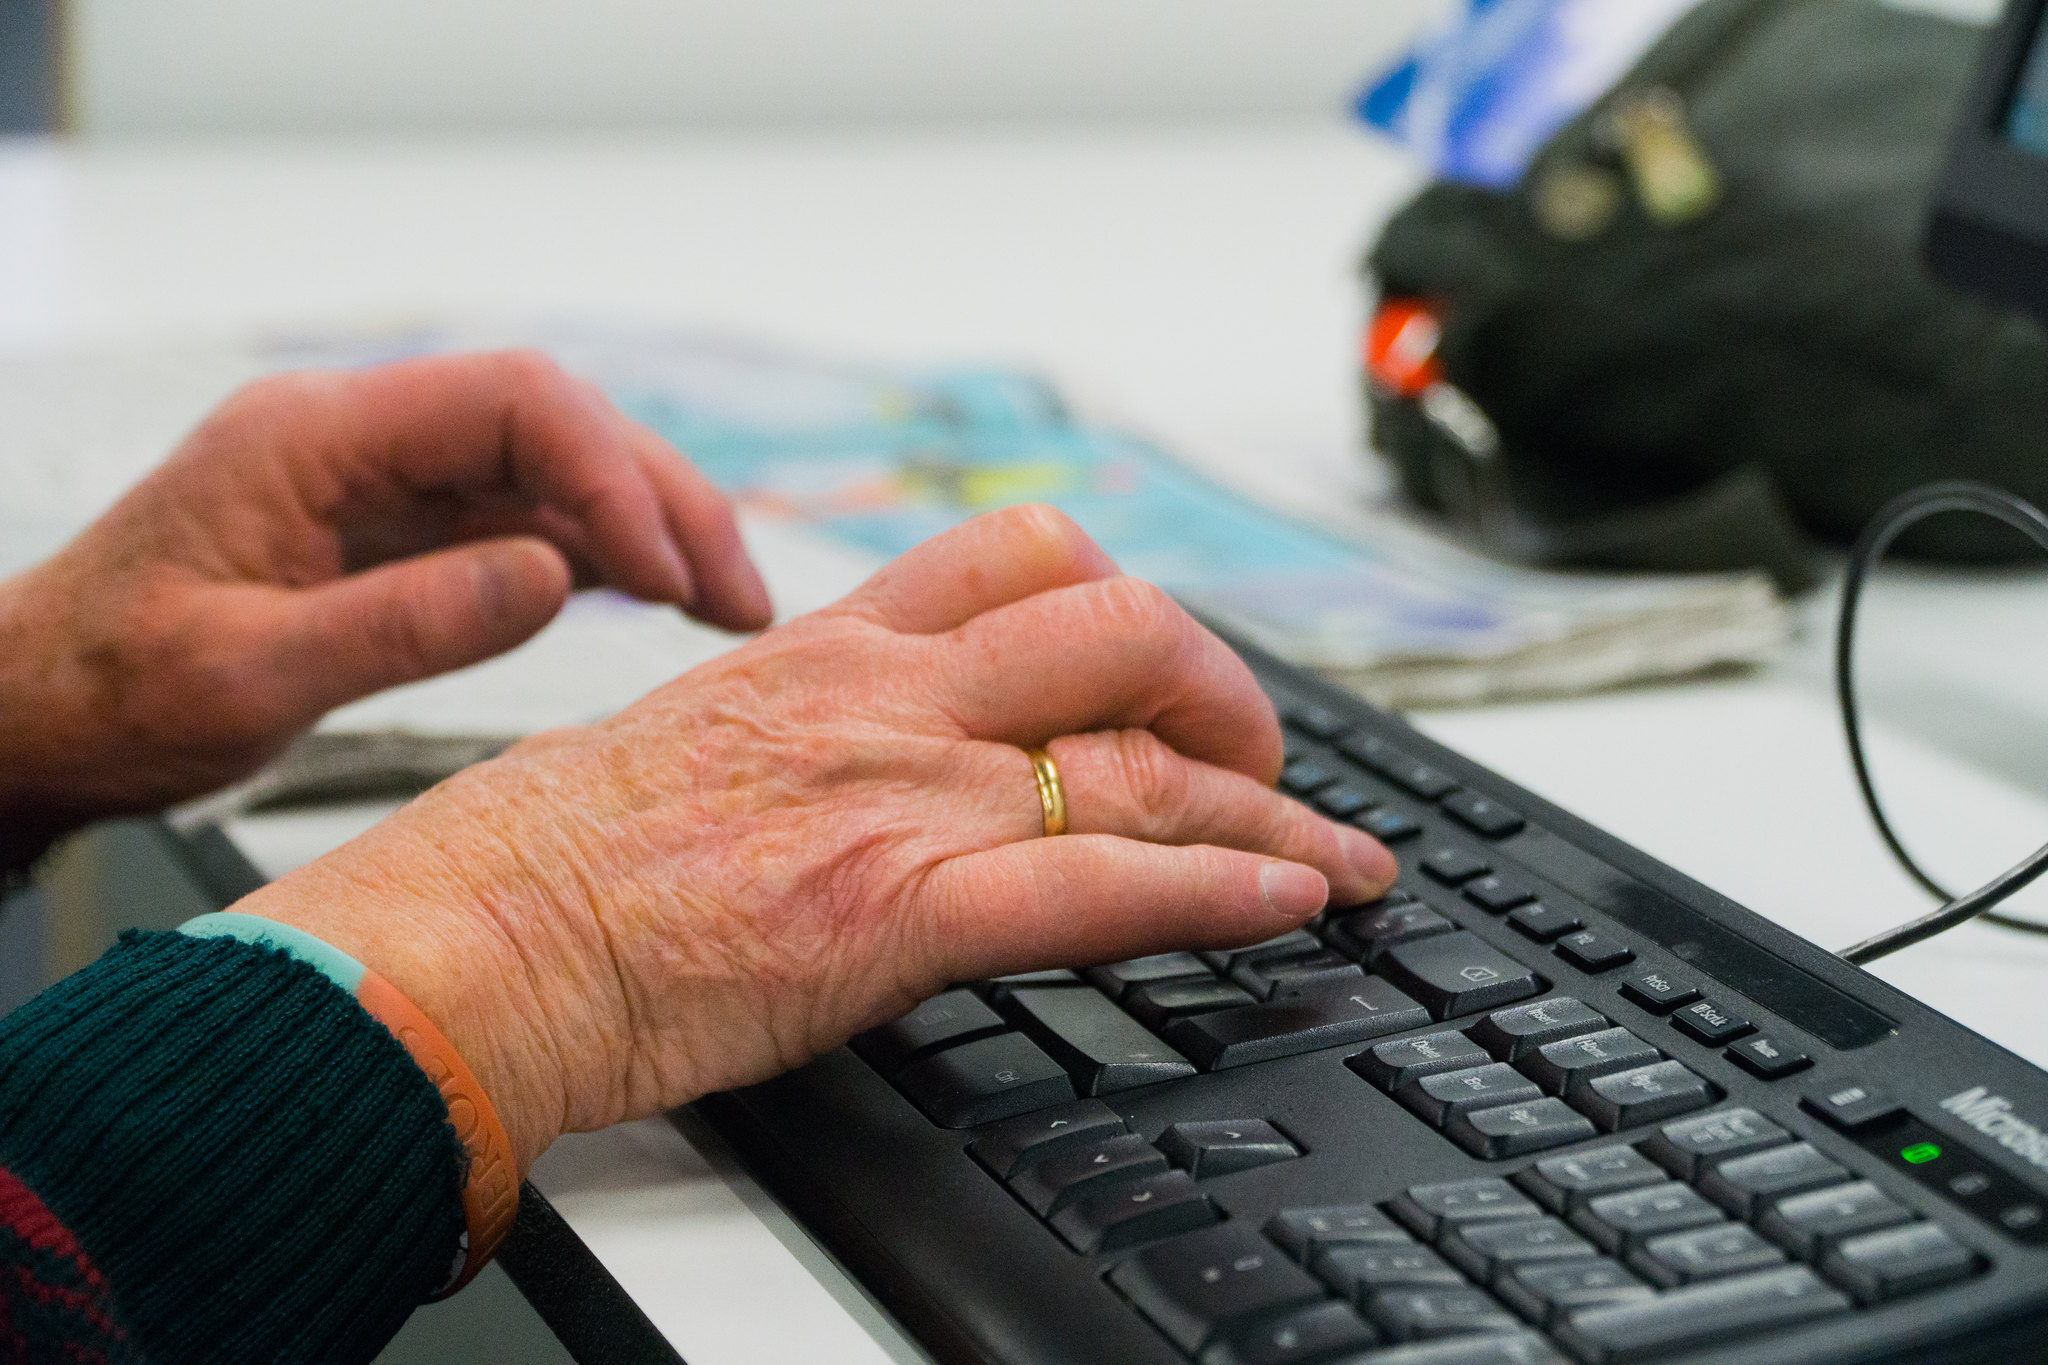 Elderly woman's hands on a keyboard